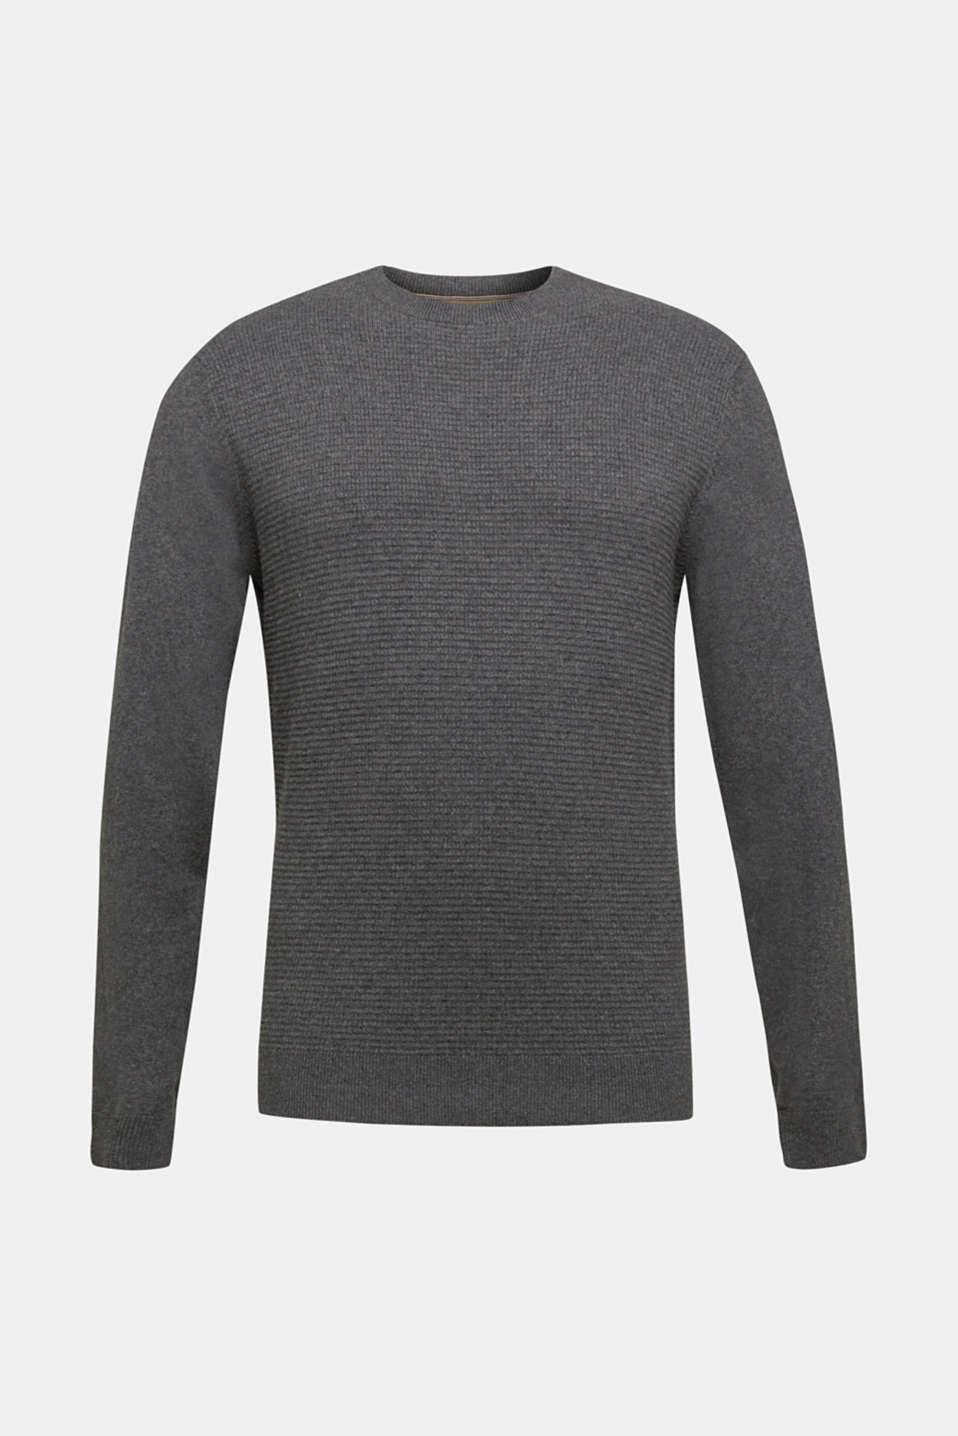 Cashmere blend: textured knit jumper, DARK GREY 5, detail image number 5